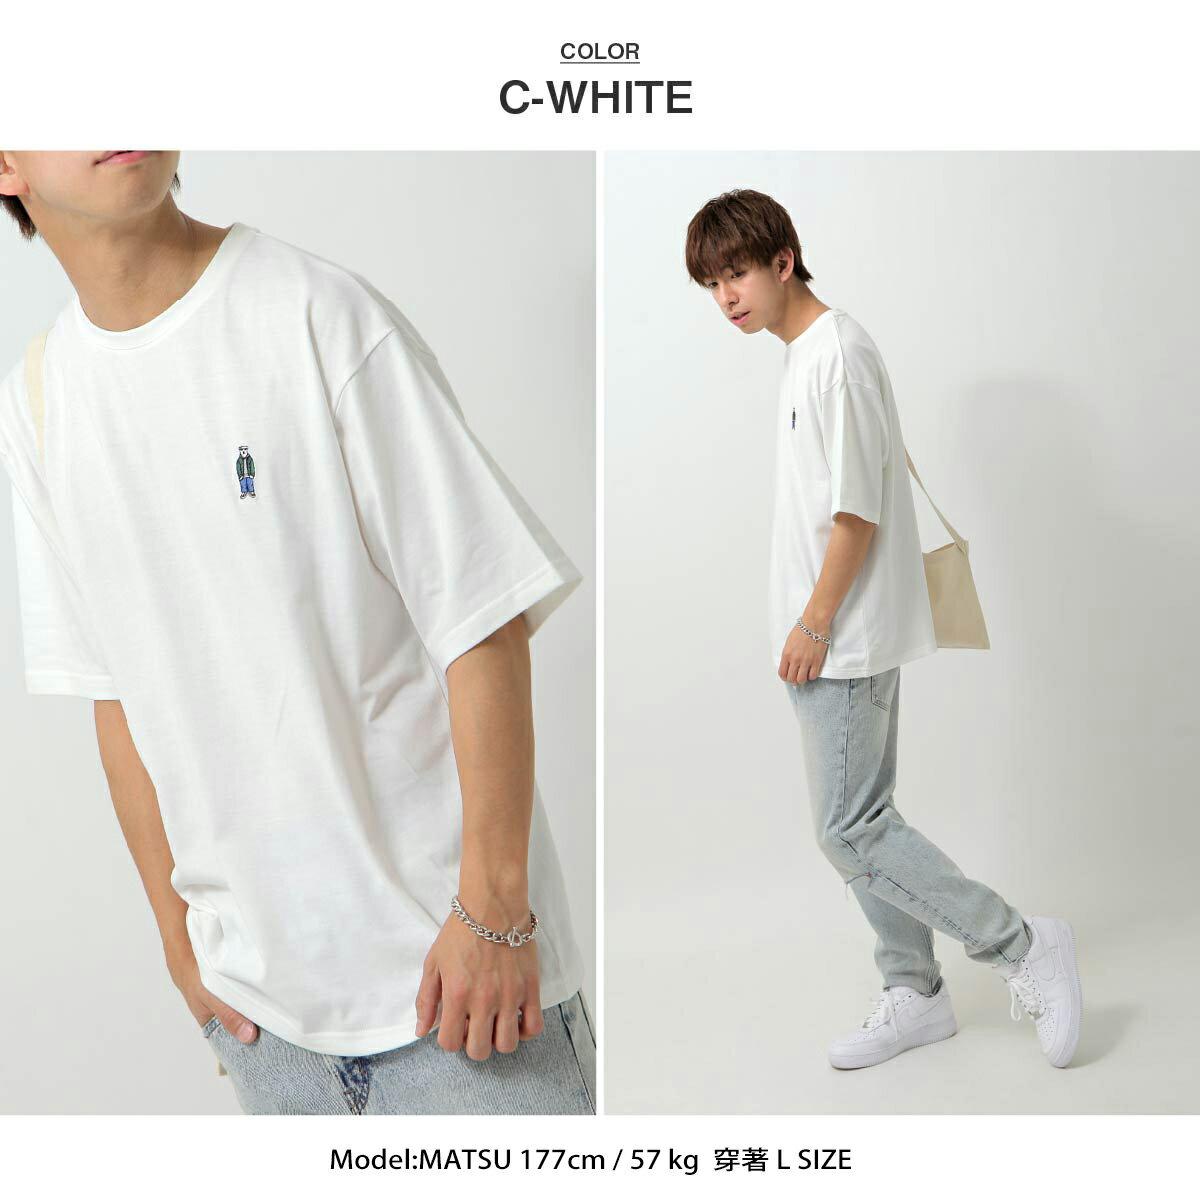 【ZIP】白熊刺繡短TEE BENJAMIN 7